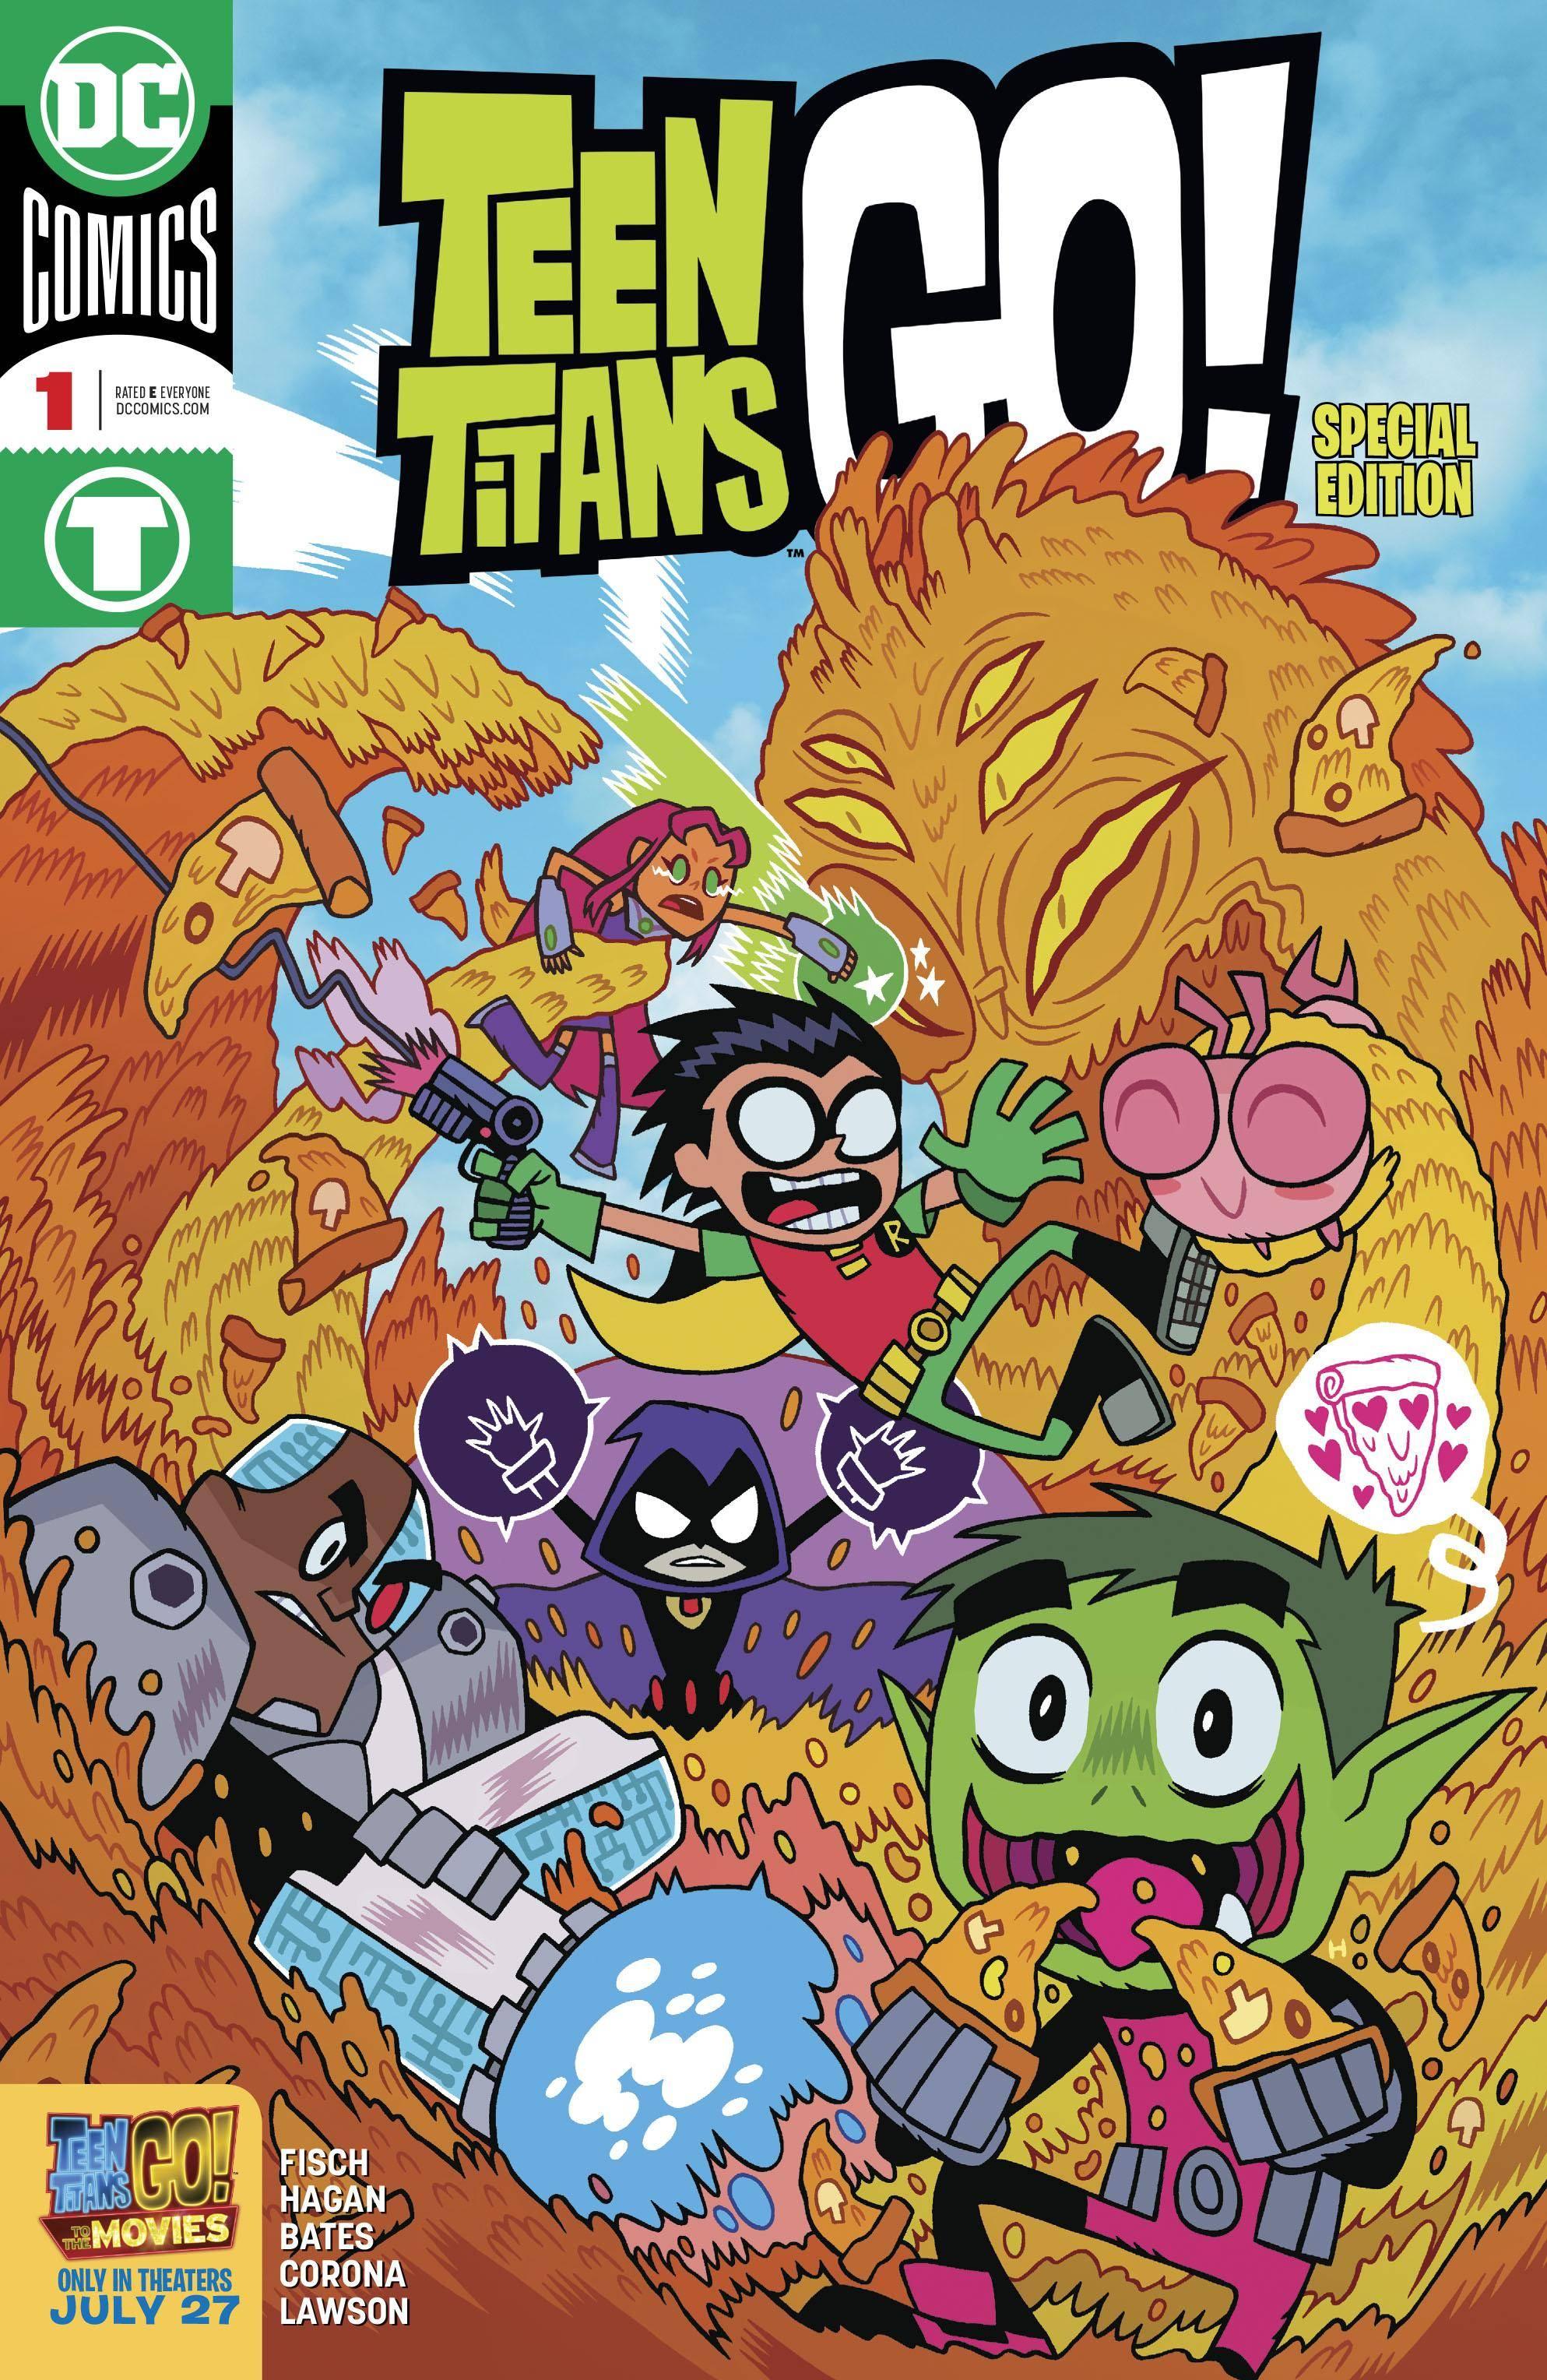 Teen Titans Go! Special Edition (2018) (digital) (Son of Ultron-Empire)